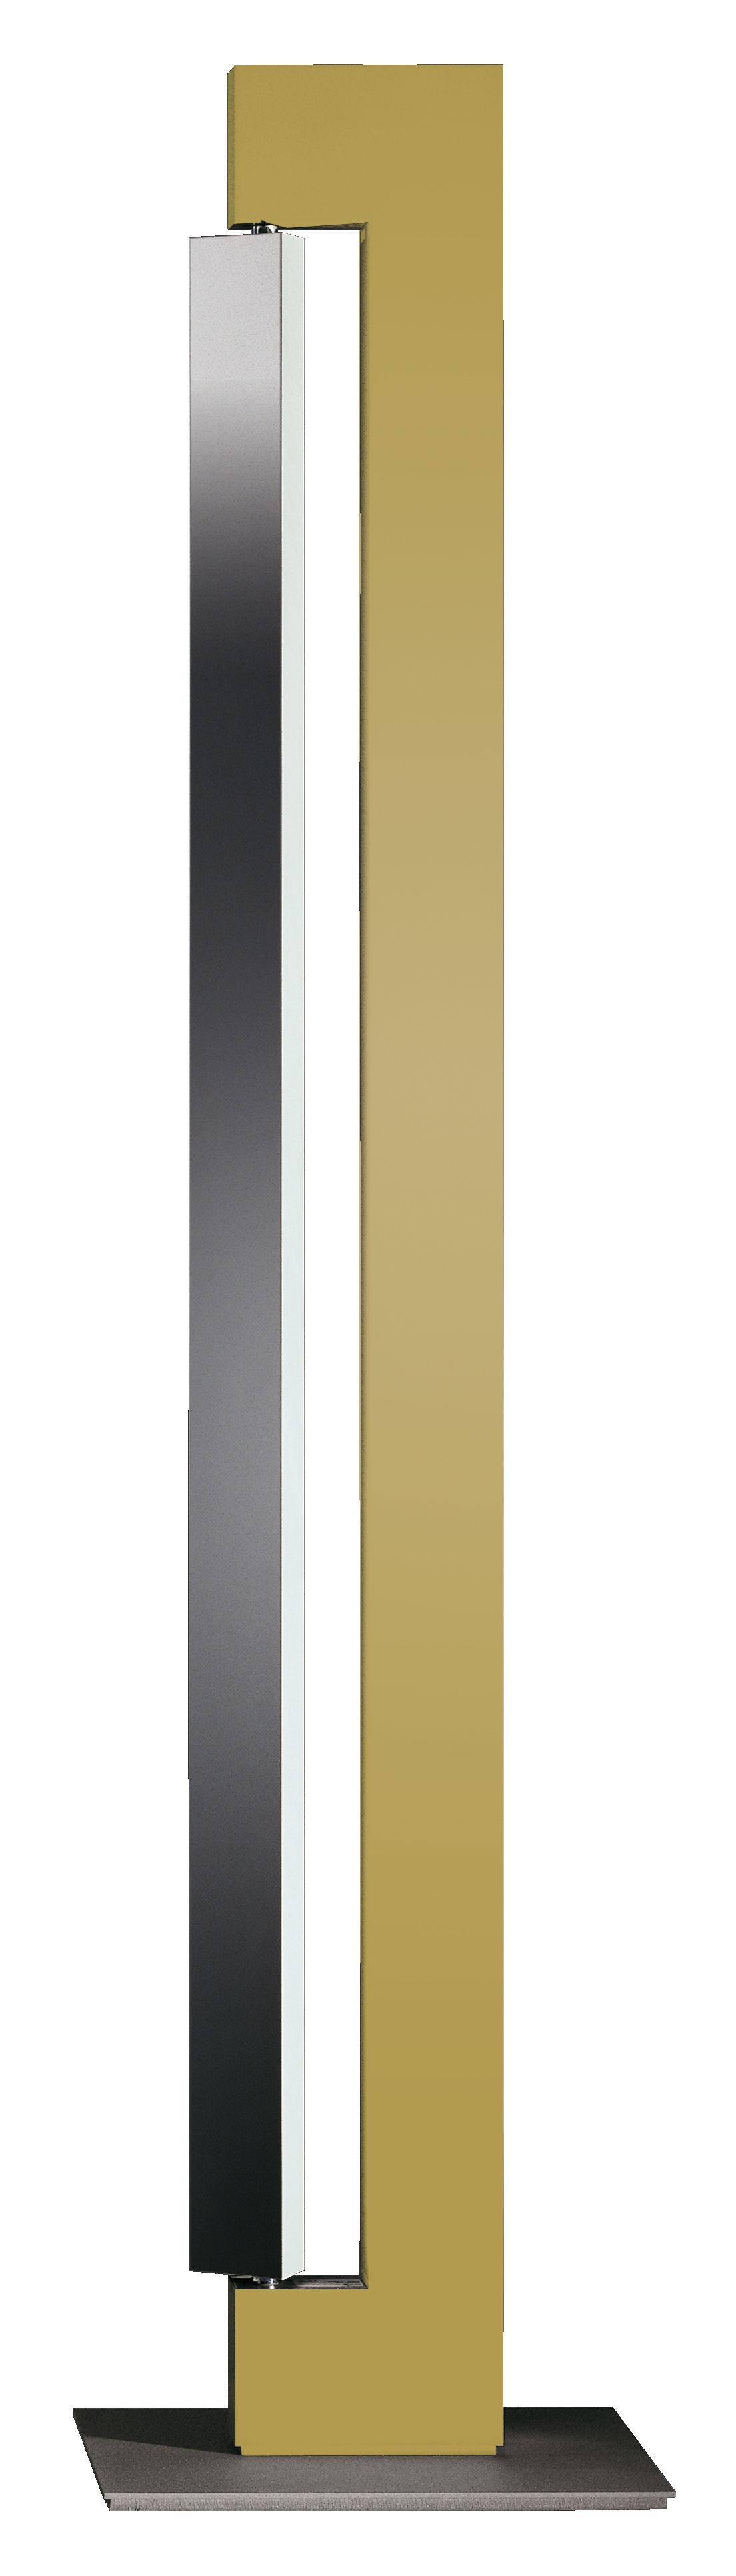 Lighting - Floor lamps - Ara Floor lamp by Nemo - Champagne - Aluminium diffuser - Aluminium